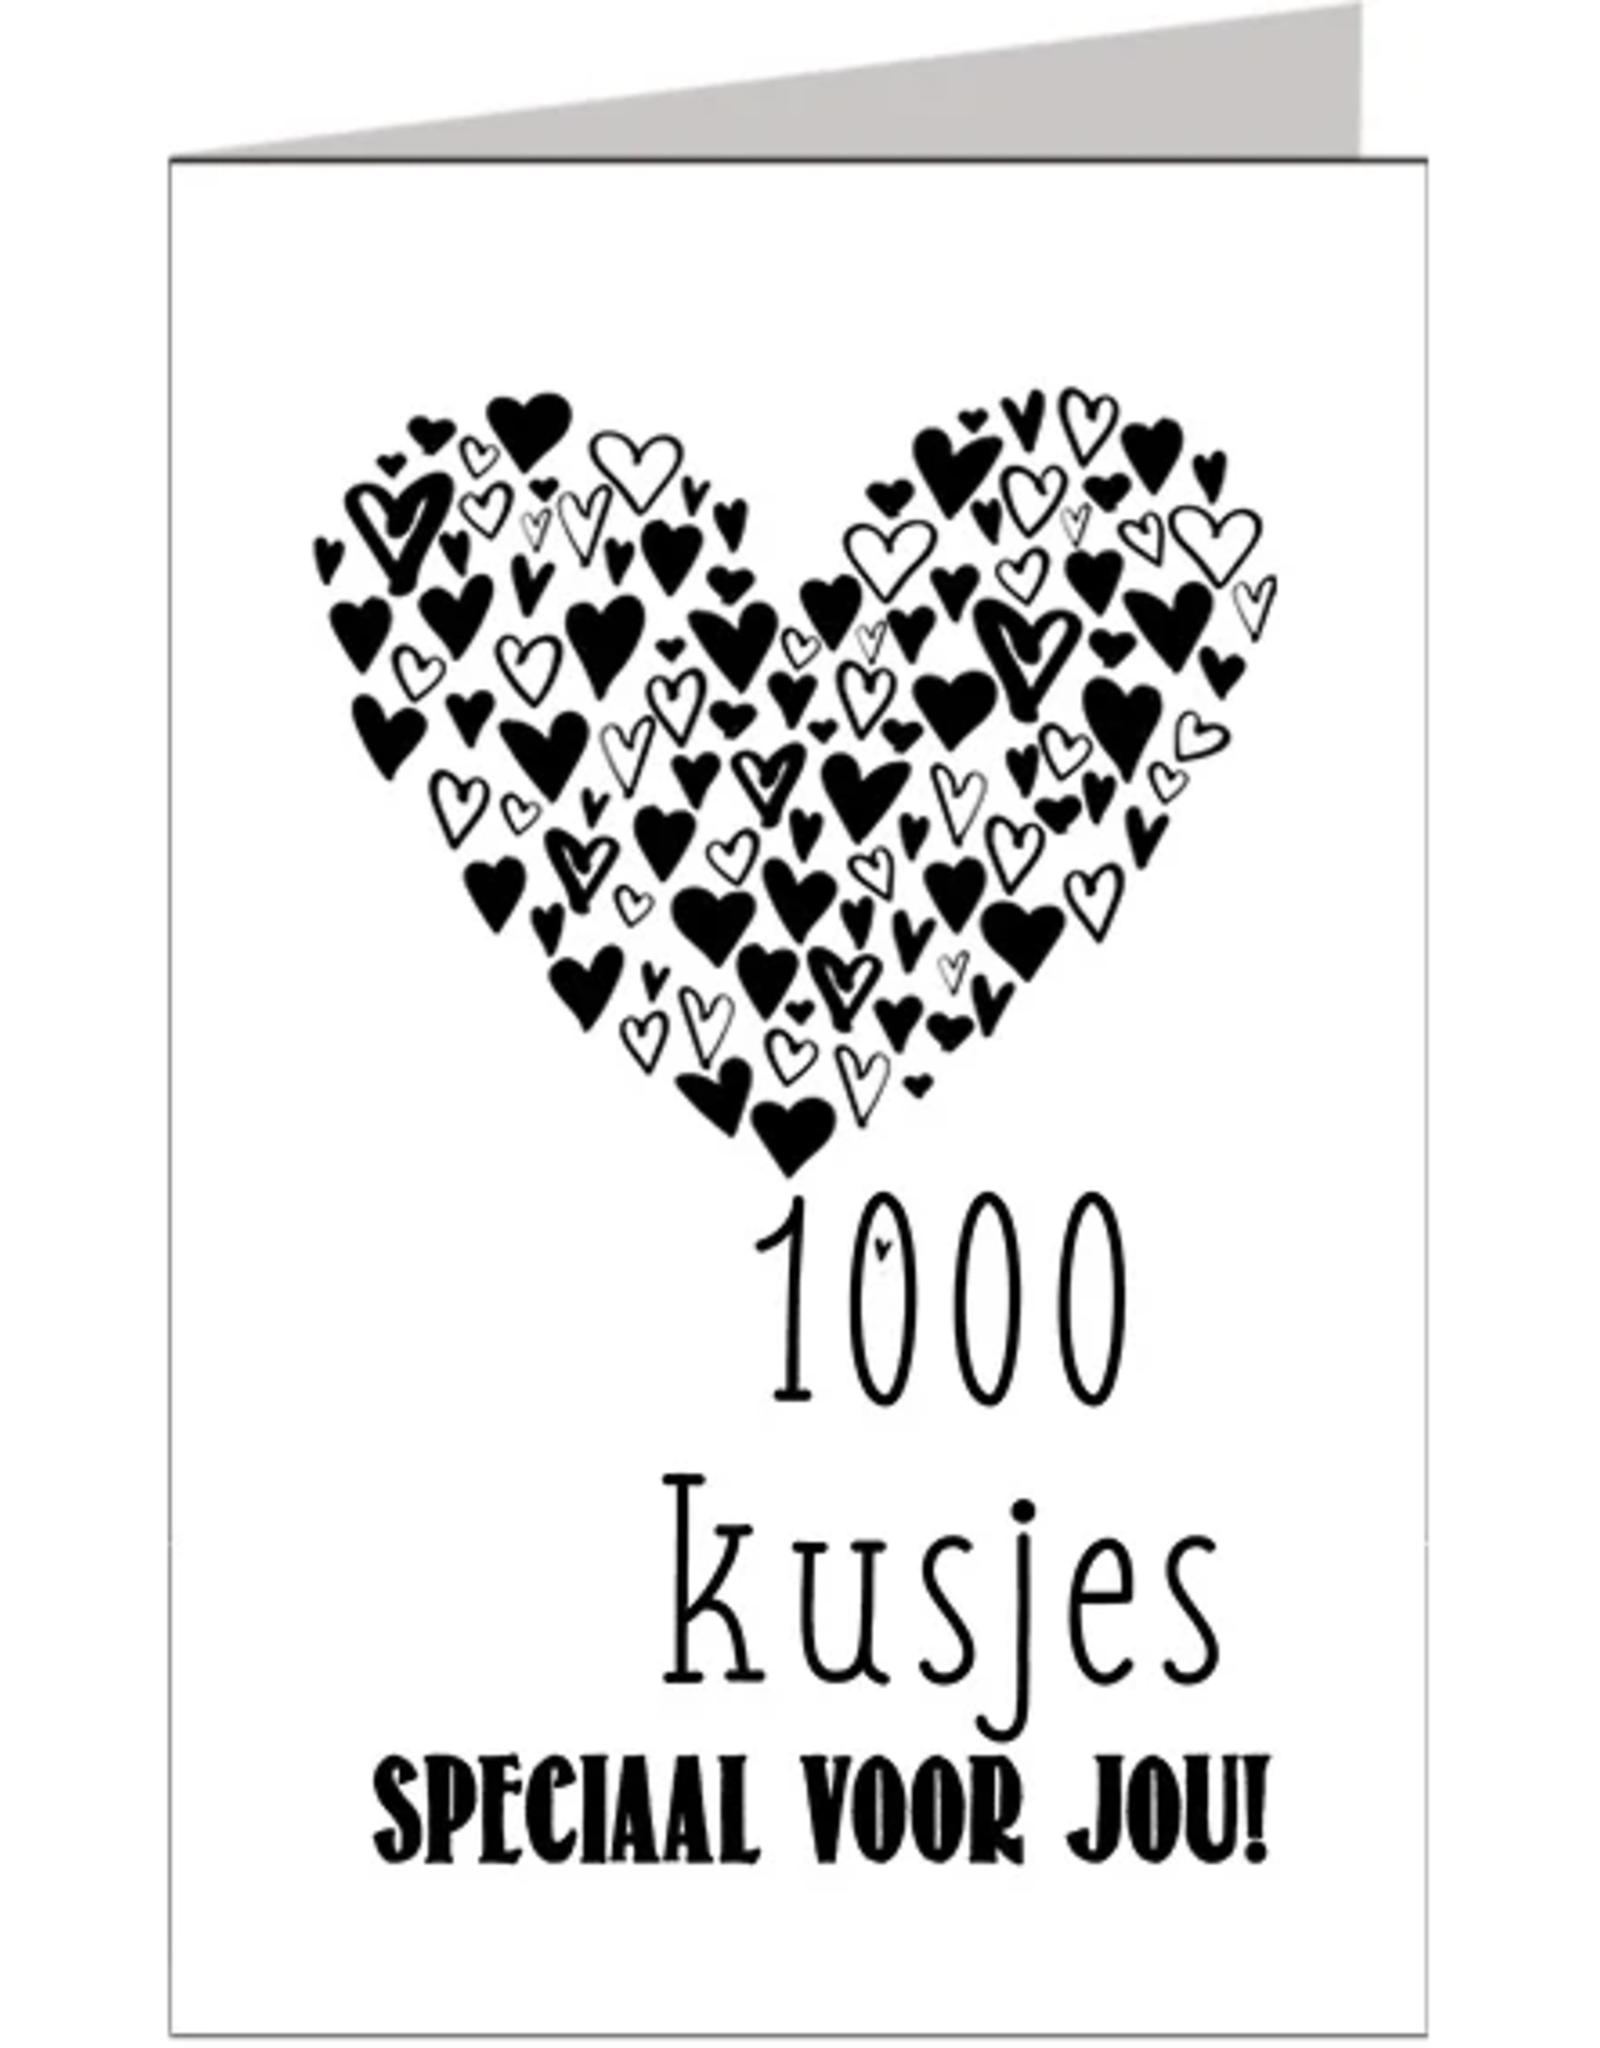 1000 kusjes speciaal voor jou - Wenskaart Marshmallow